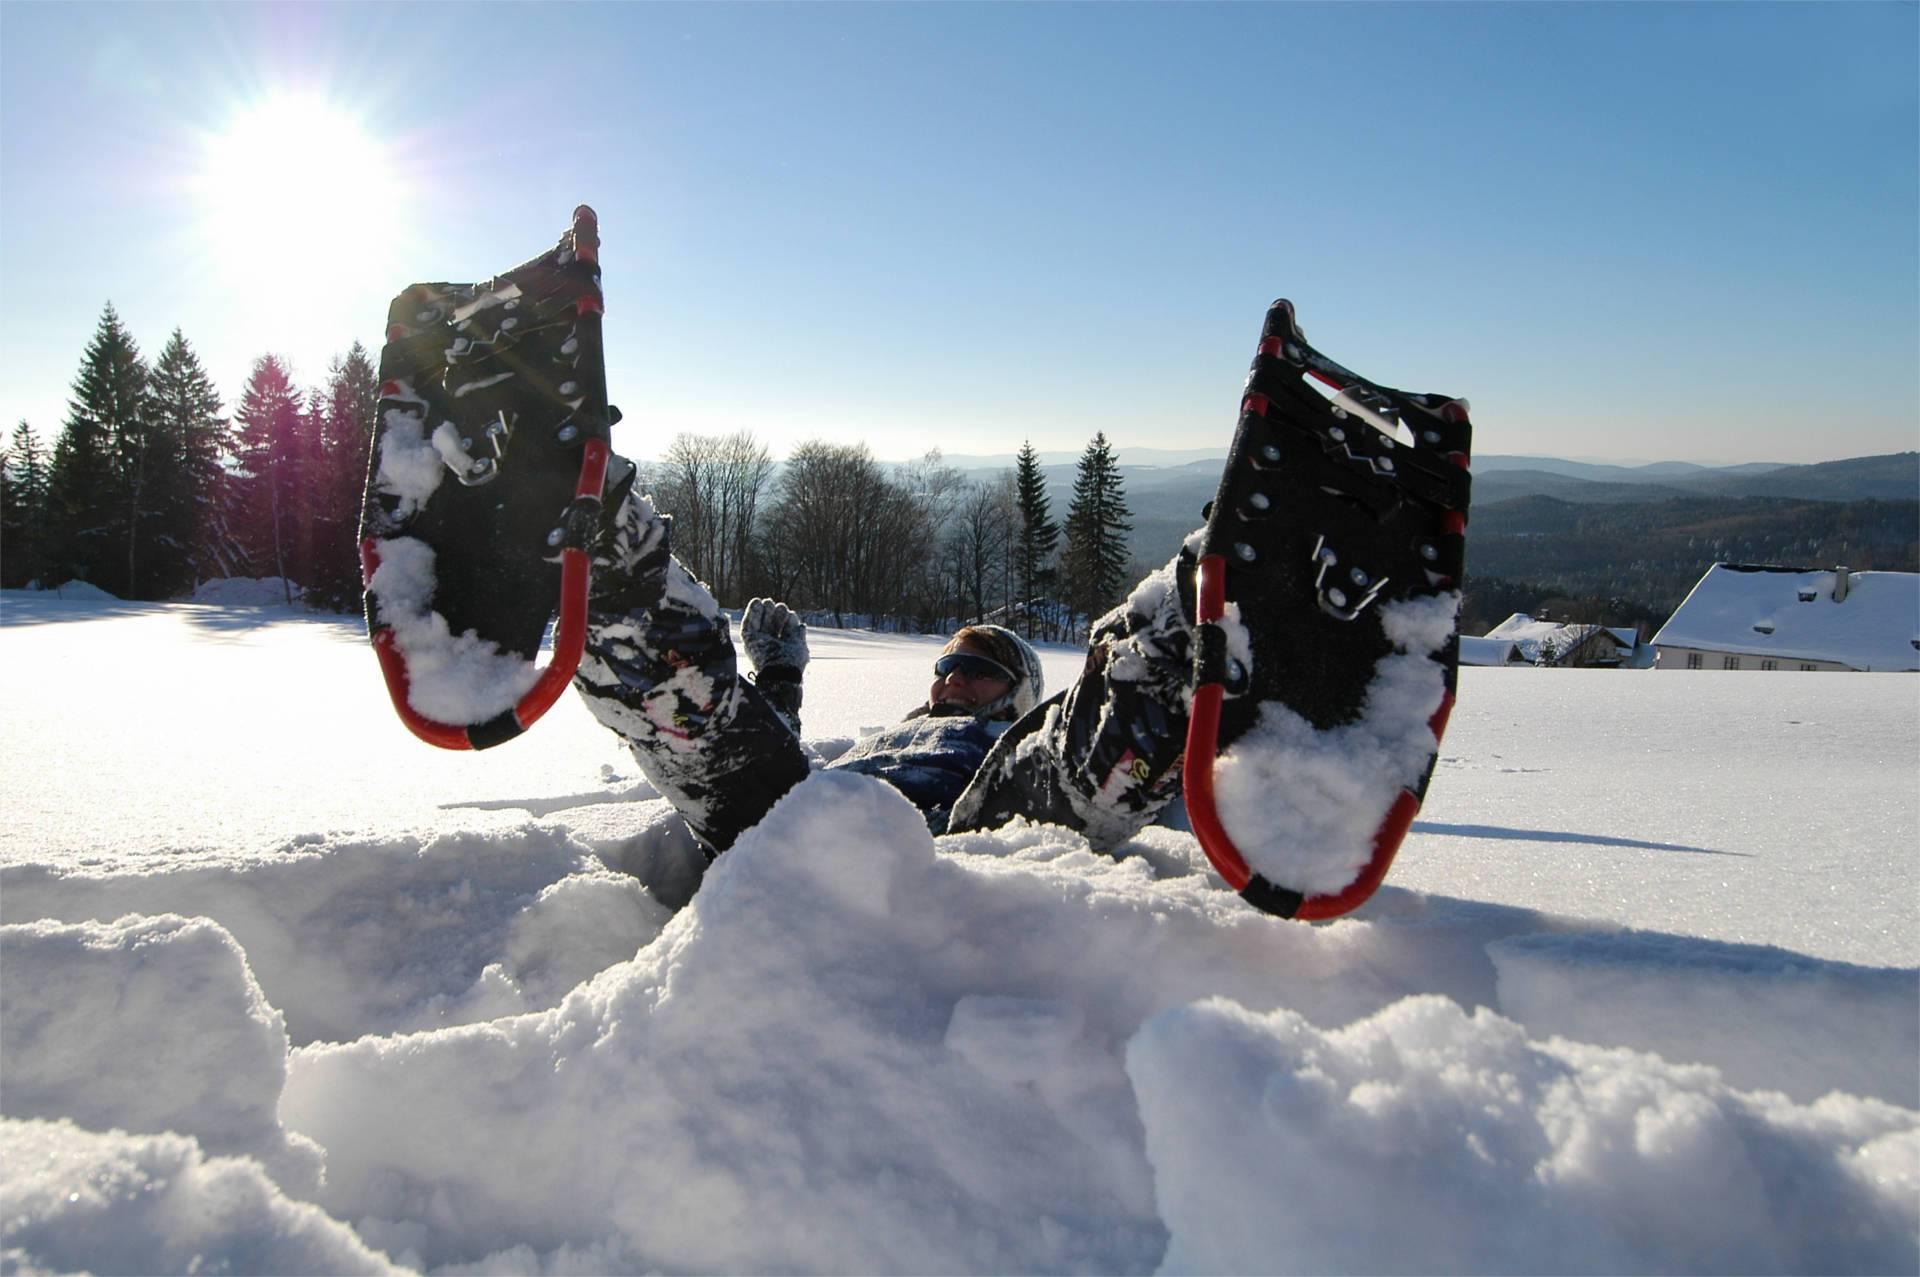 Wanderung mit den Schneeschuhen durch die Wildnis